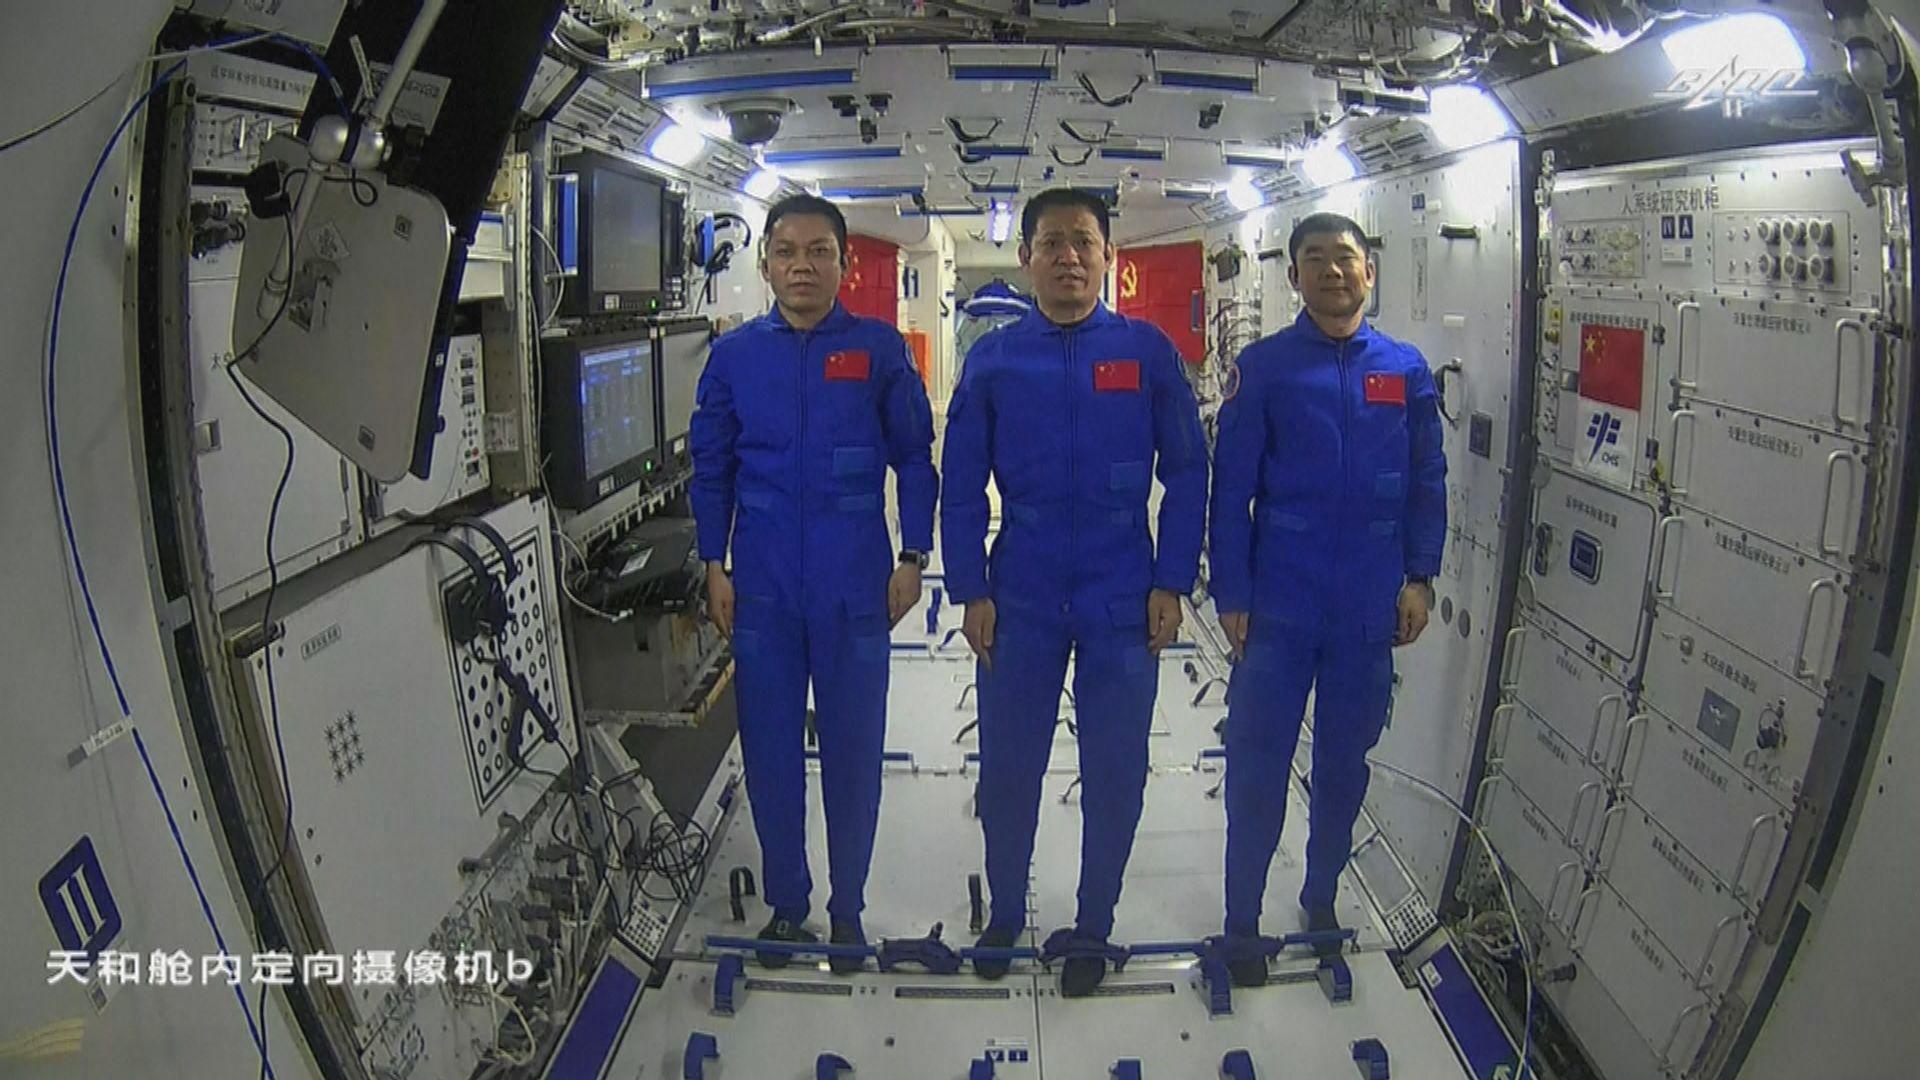 習近平與太空人天地對話 問候艙內生活情況